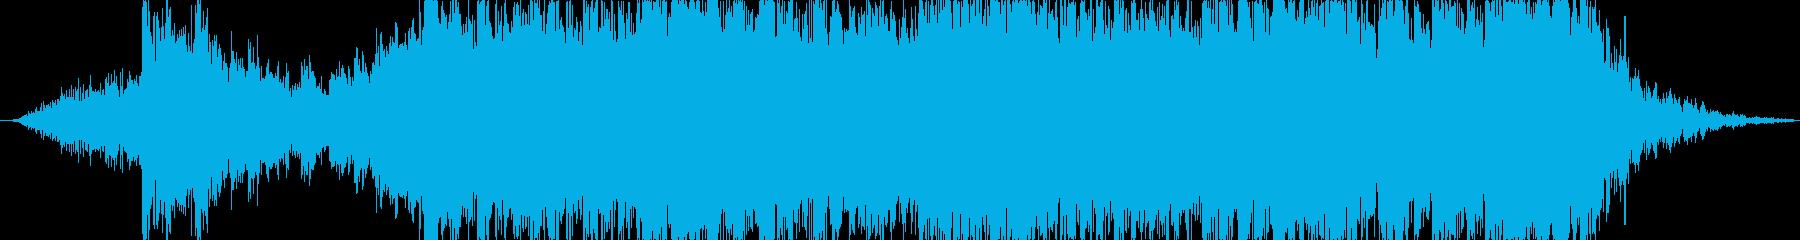 ハリウッドトレイラー風のジングル2の再生済みの波形